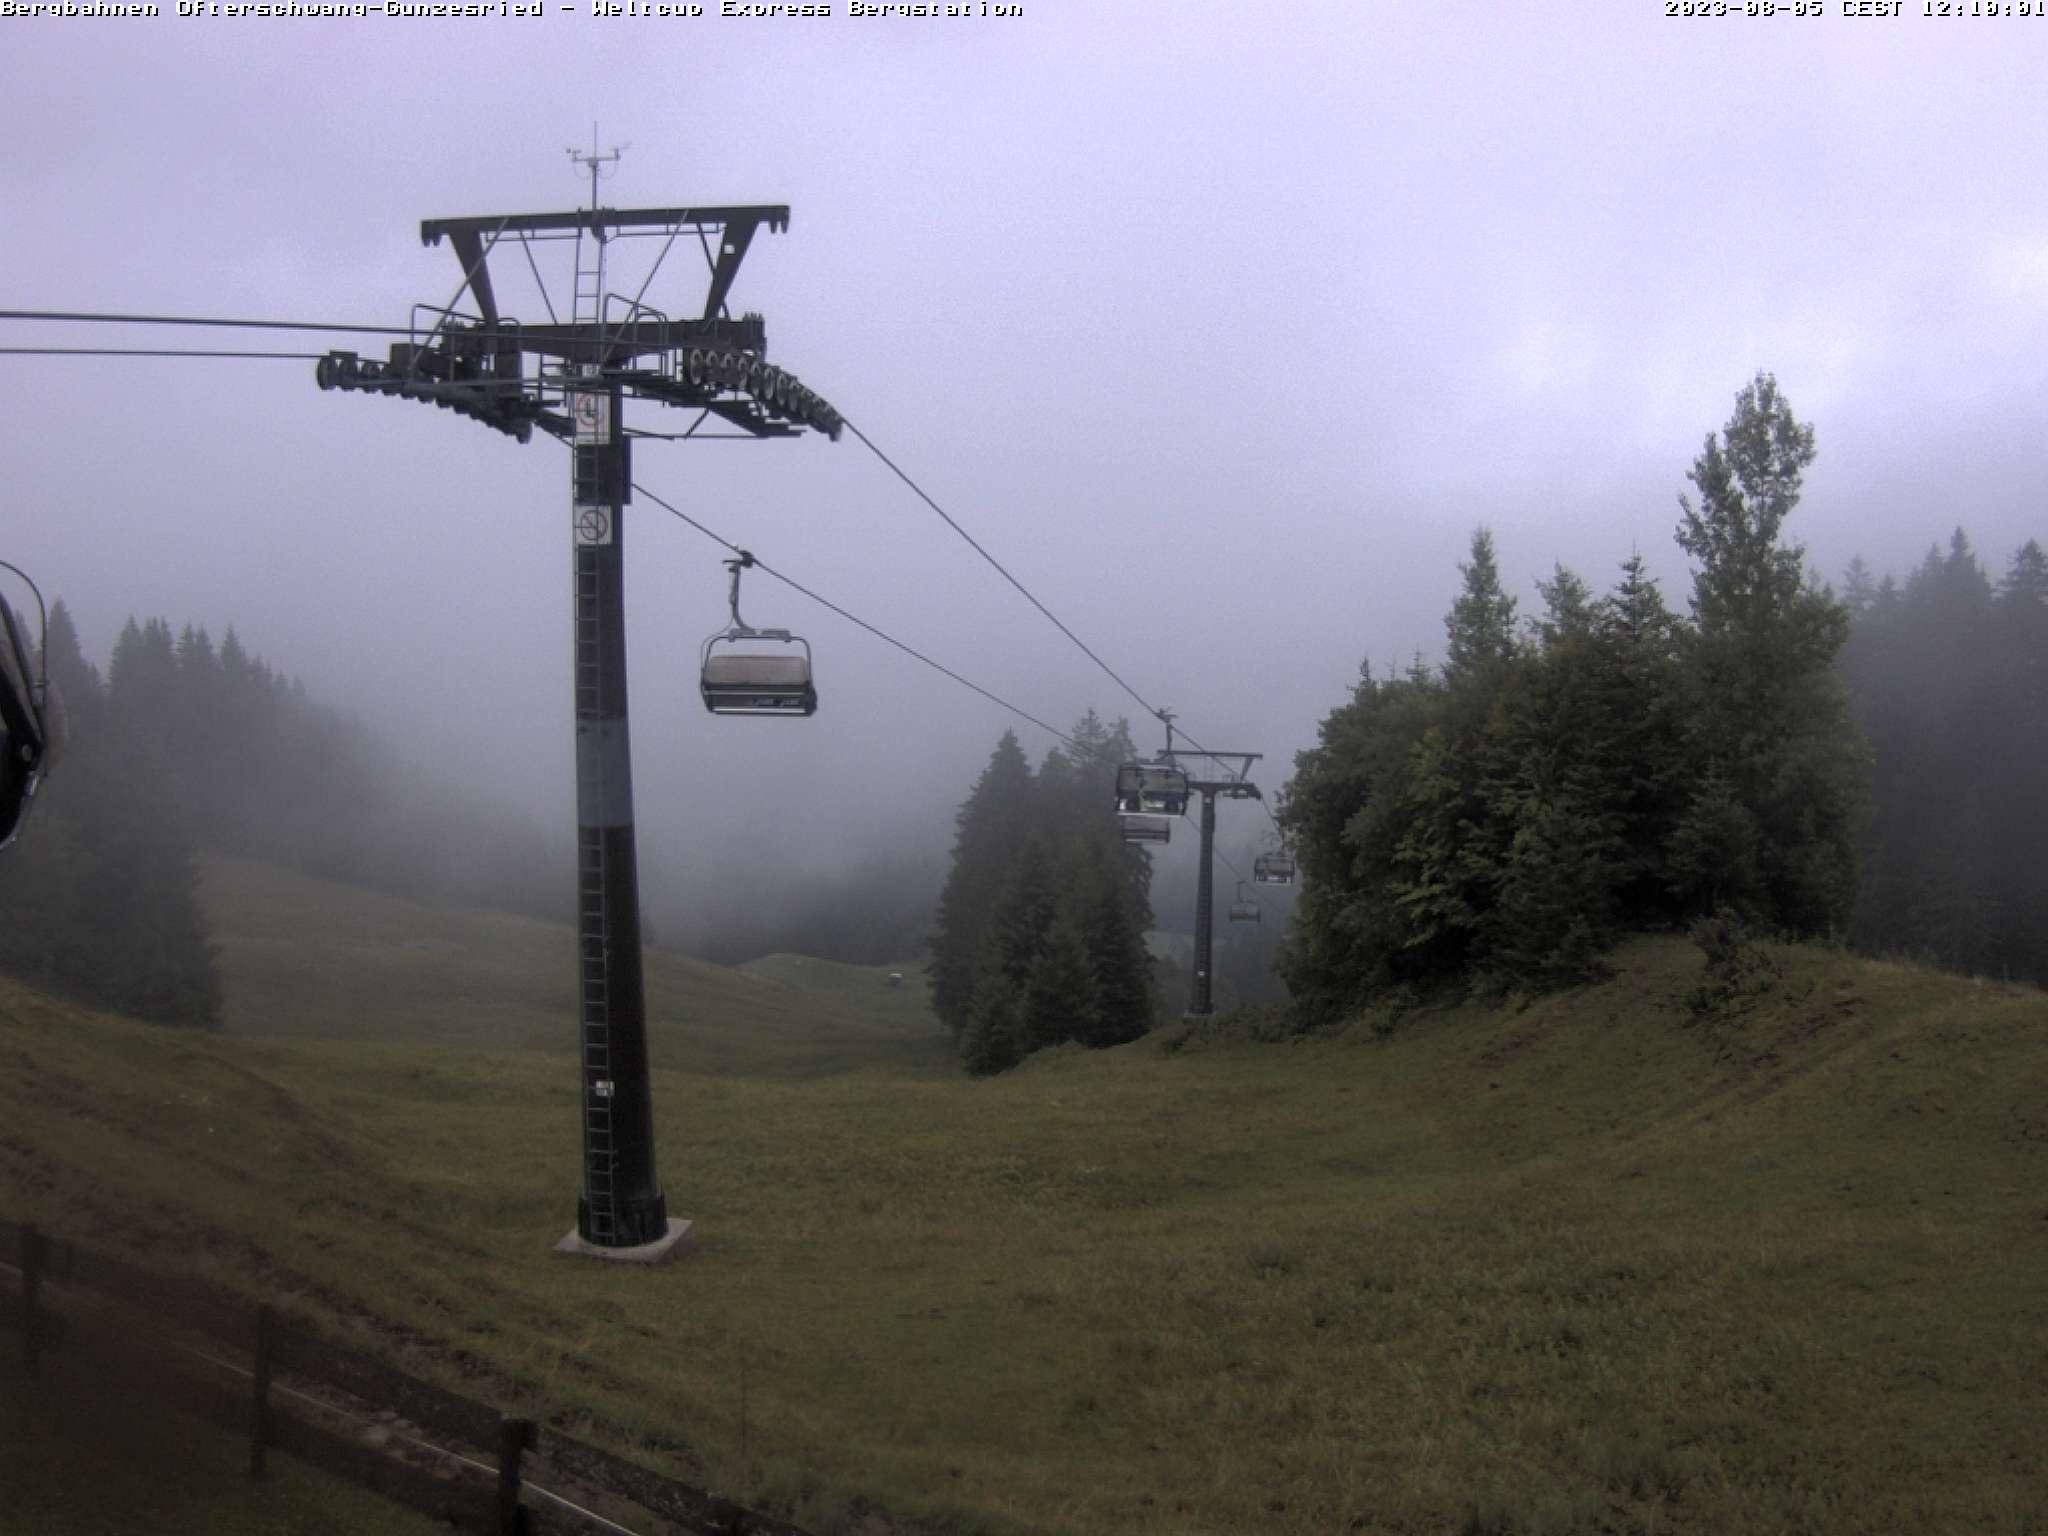 Ofterschwang - Bergstation Weltcup Express